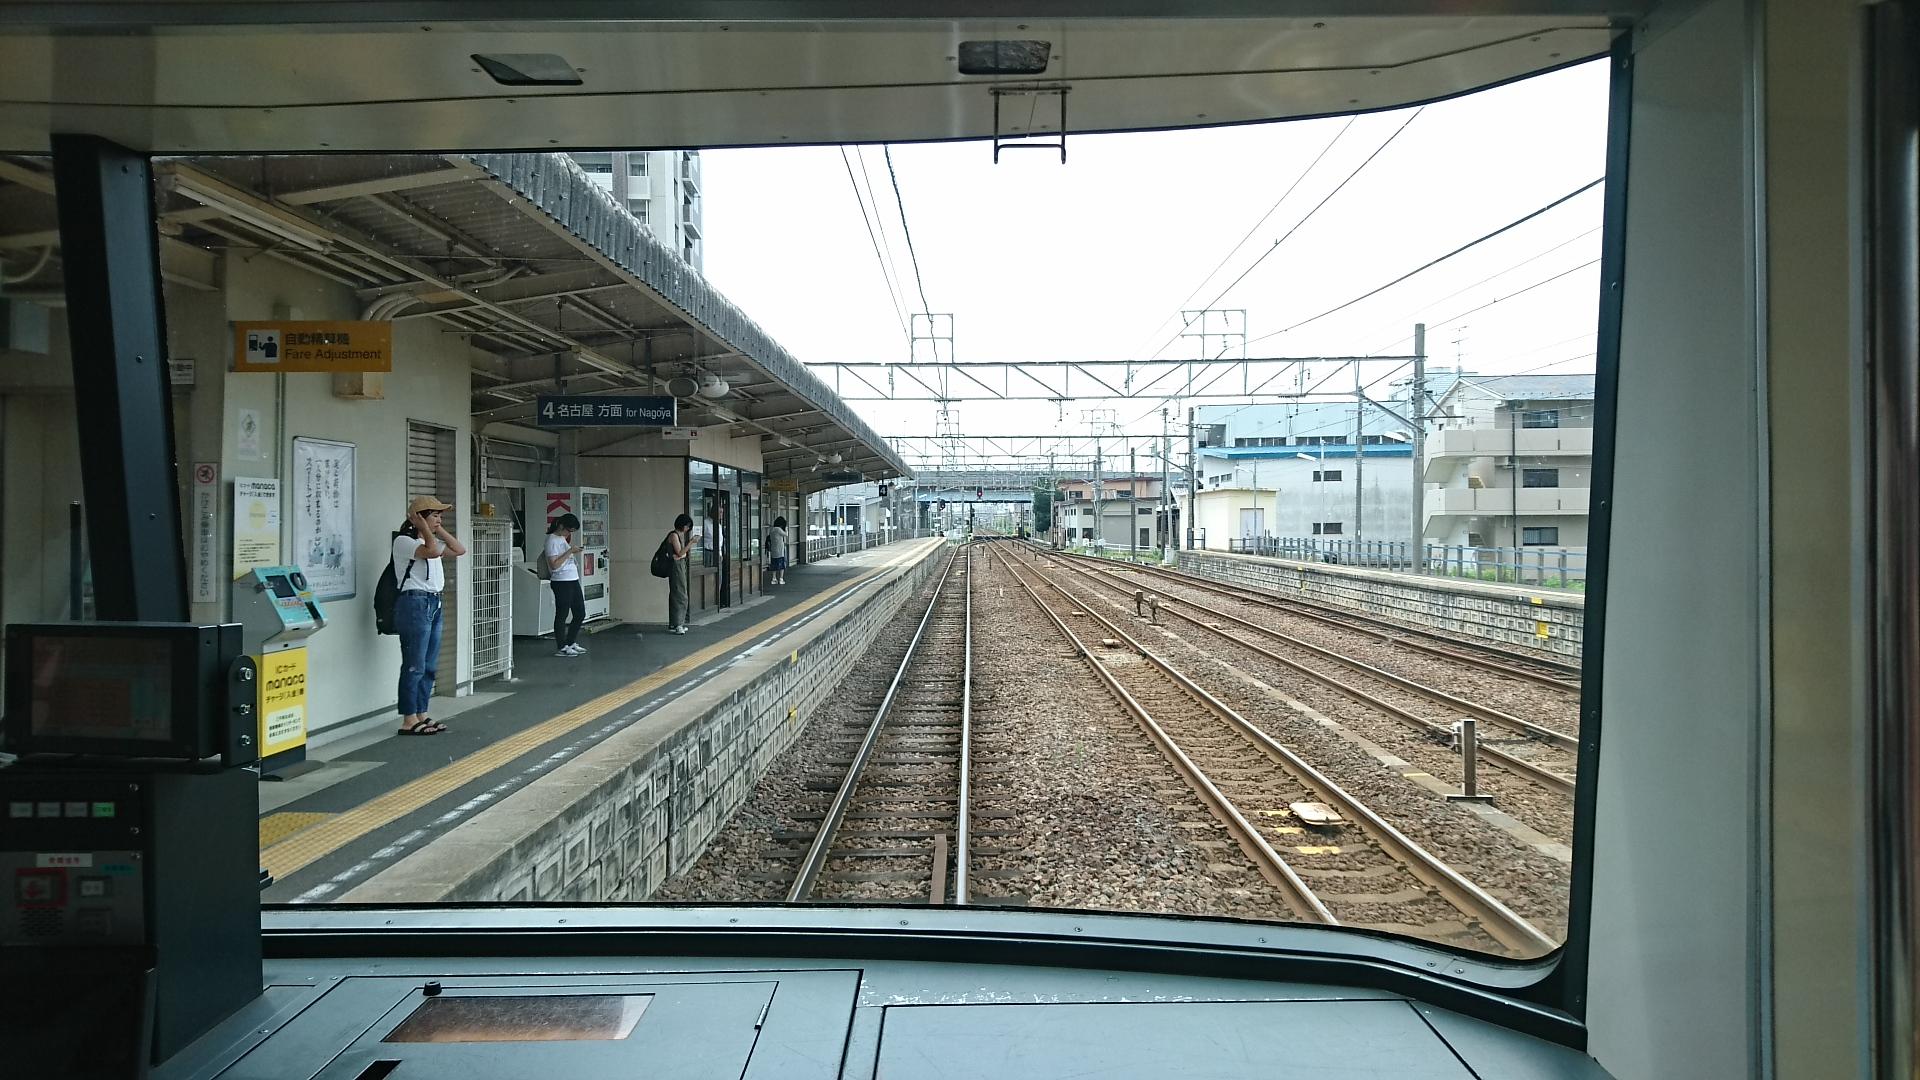 2017.8.3 笠松 (17) 須ヶ口いきふつう - 岐南 1920-1080